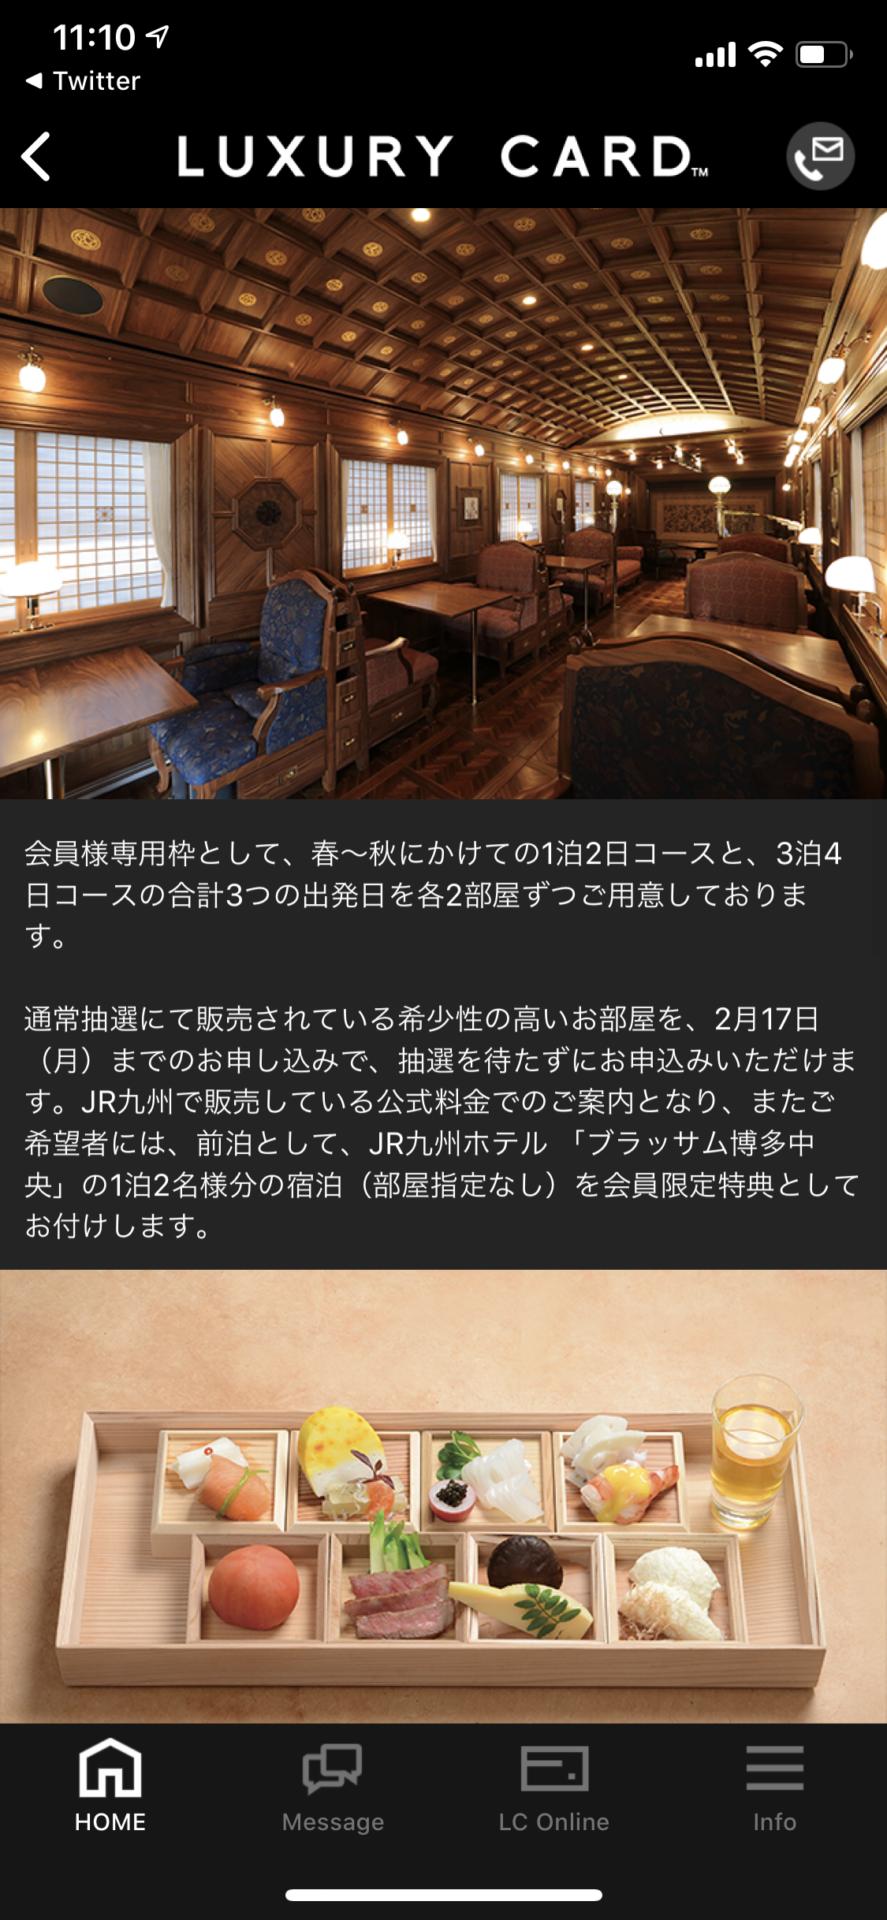 ななつ星 in 九州のラグジュアリーカード限定枠の内容